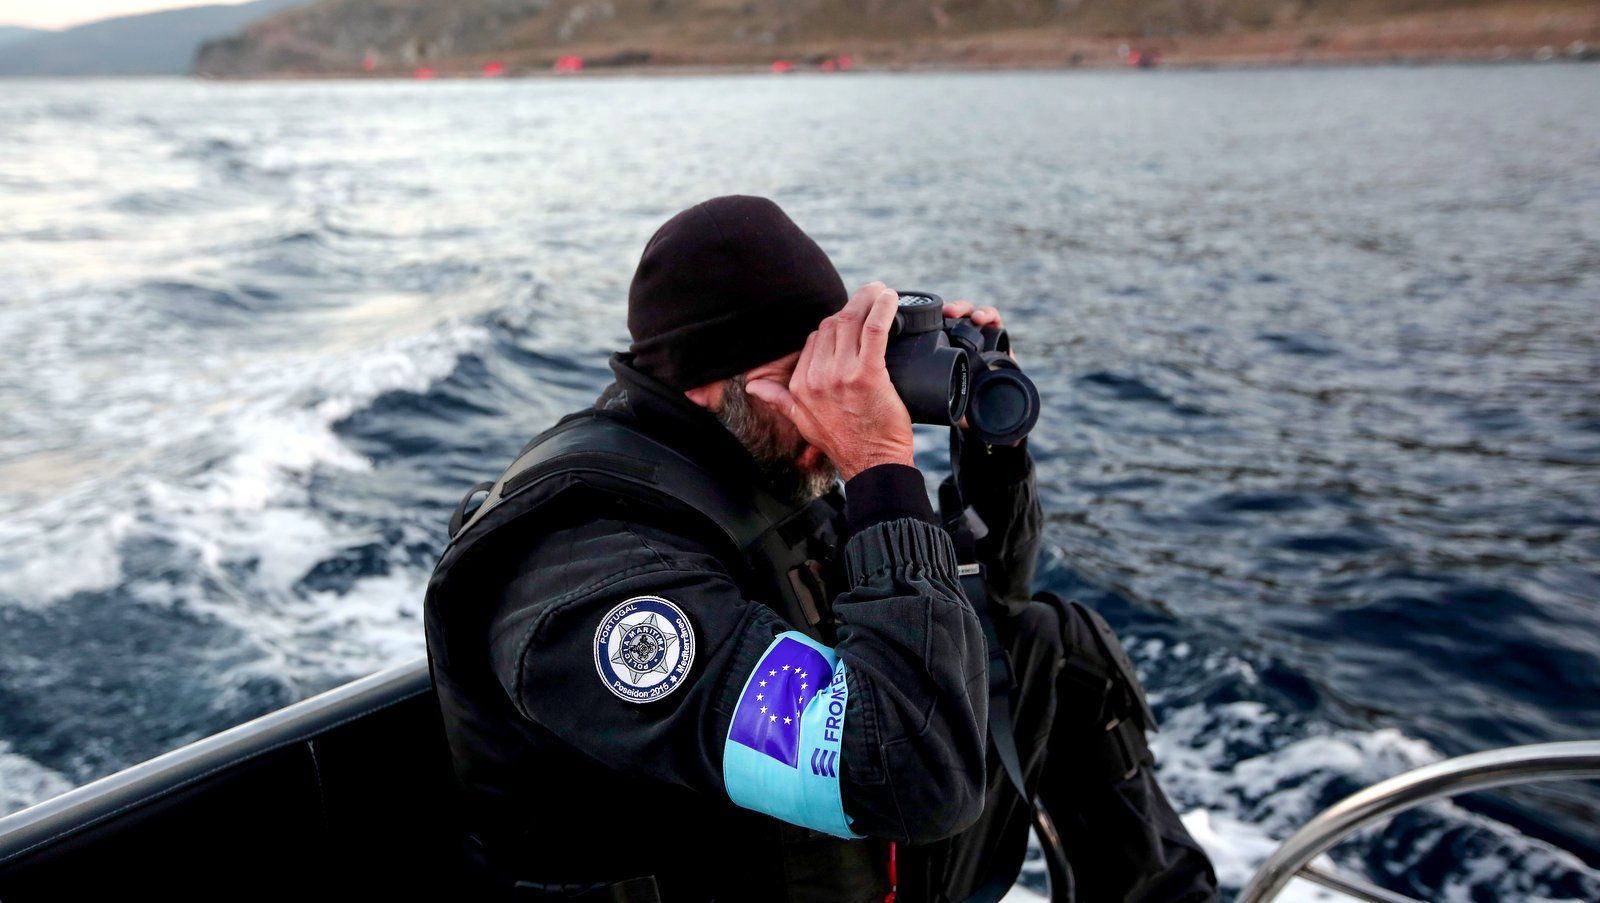 """عشية تحقيق للمفوضية الأوروبية..تقرير للأورومتوسطي يتهم """"فرونتكس"""" بانتهاكات واسعة ضد طالبي اللجوء"""